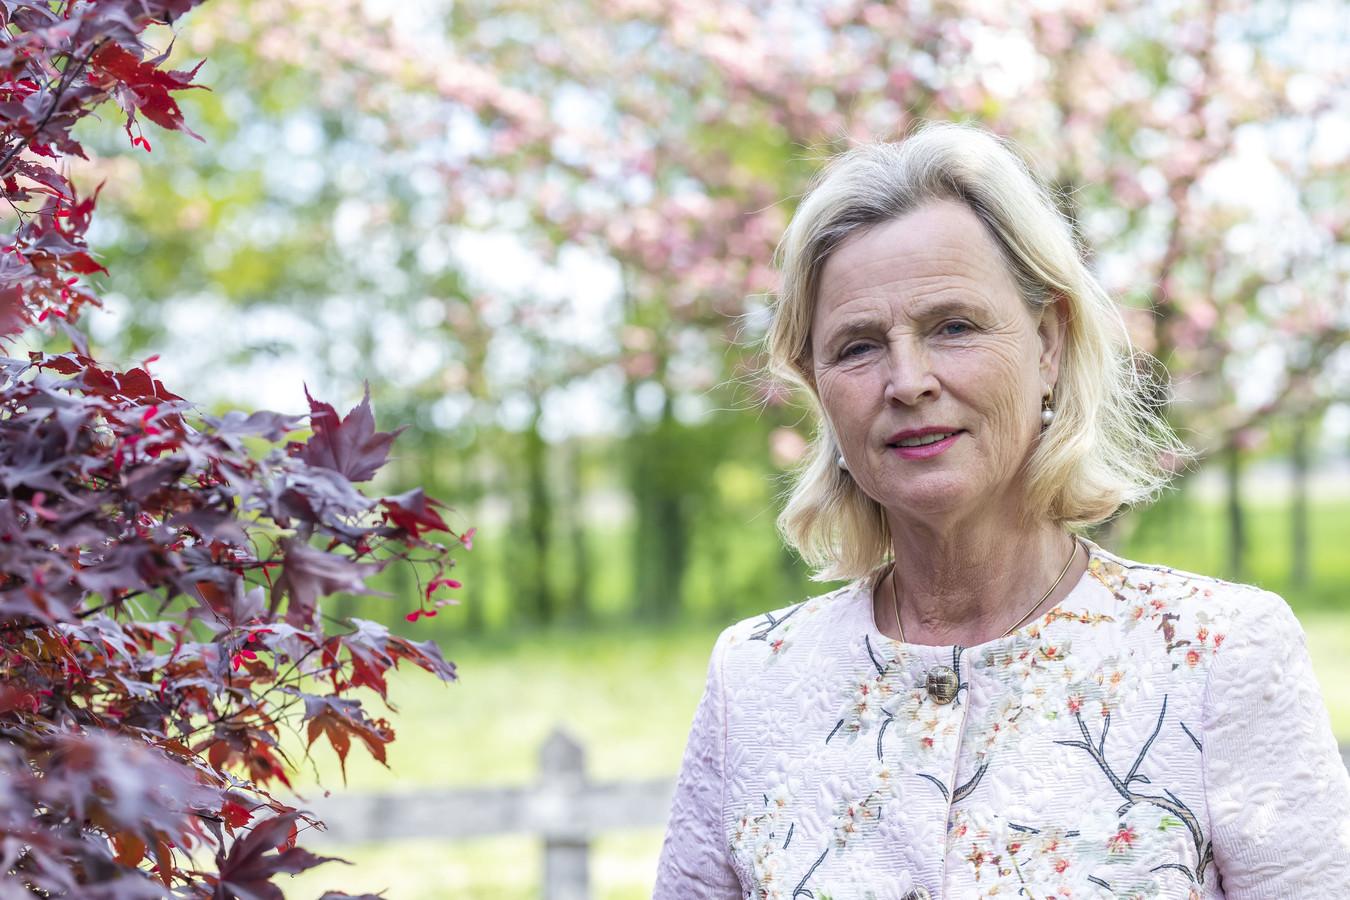 Annie Schreijer was zwaar ontgoocheld over de stemming over de Green Deal in het Europarlement. Dit gaat in haar ogen ten koste van de boerenbelangen.